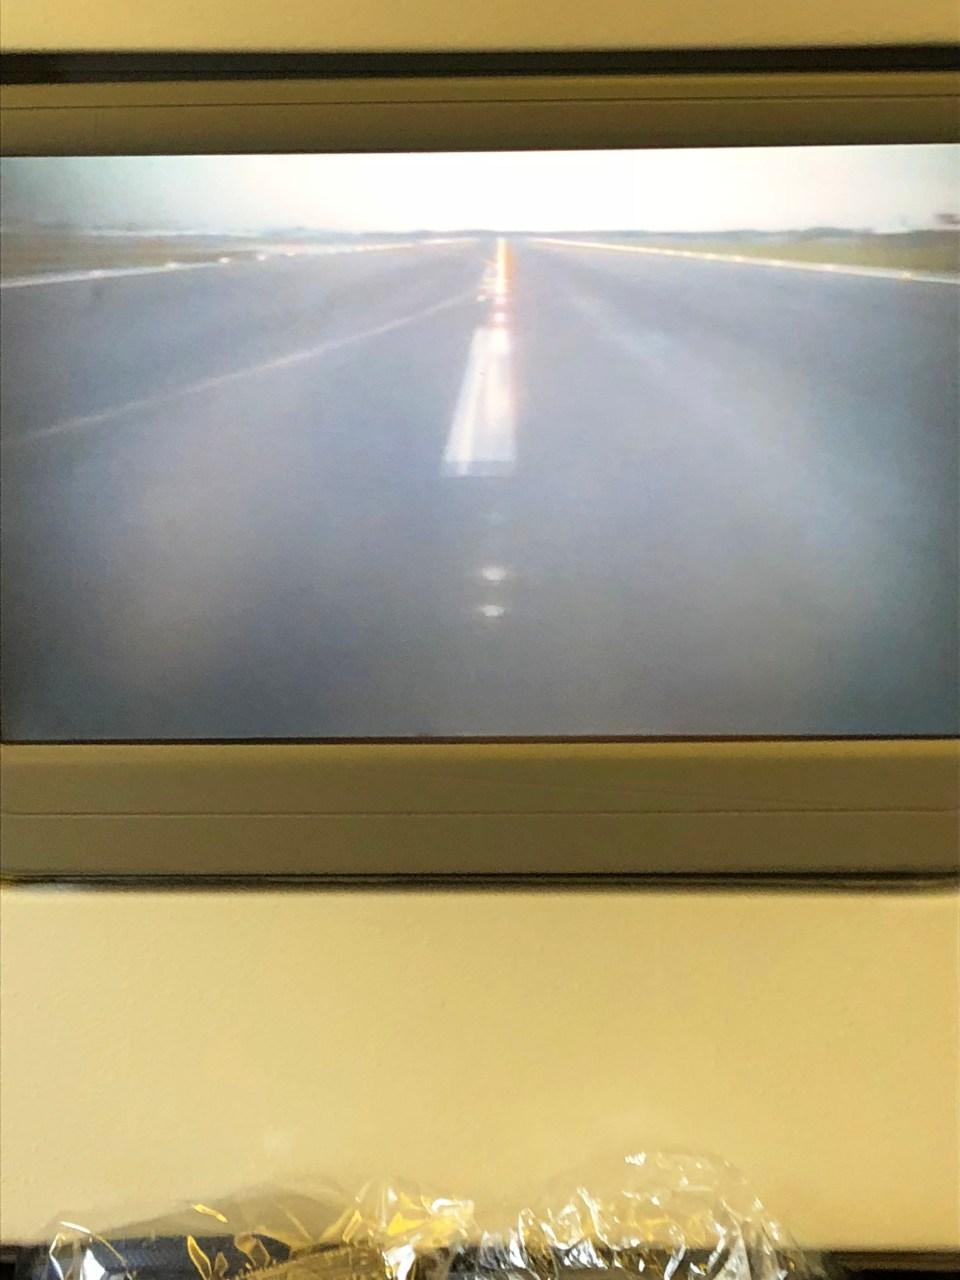 ANA - Plane Camera